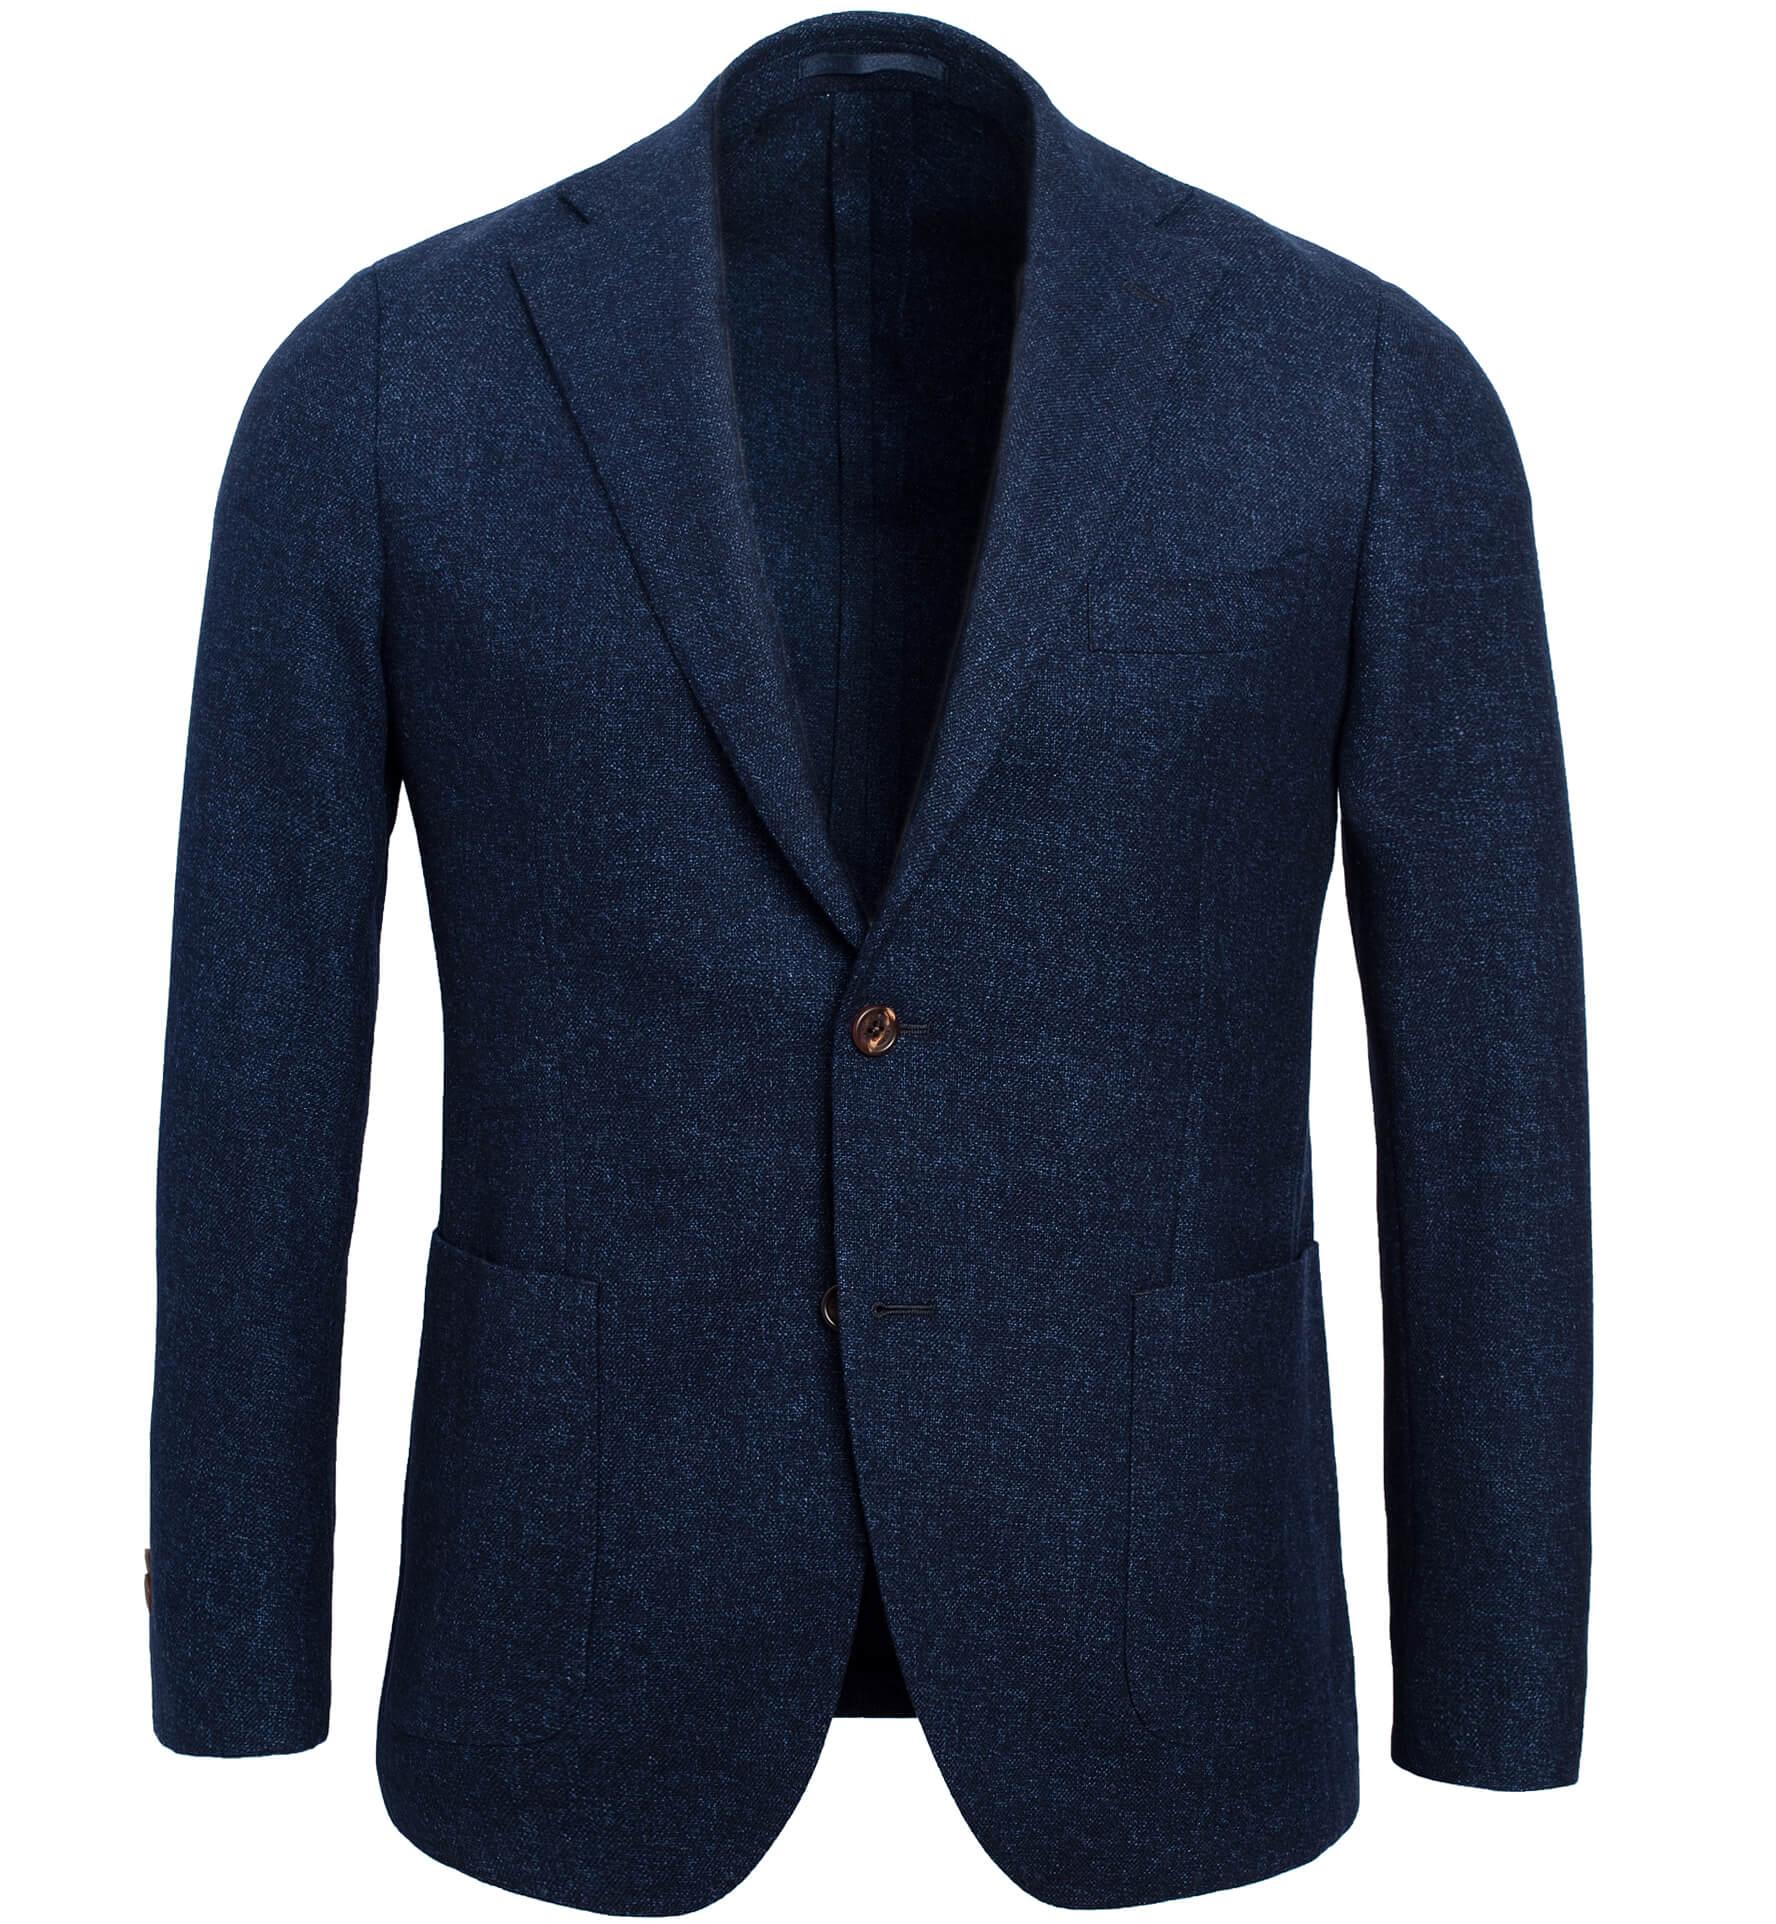 Zoom Image of Waverly Navy Melange Wool Unstructured Jacket